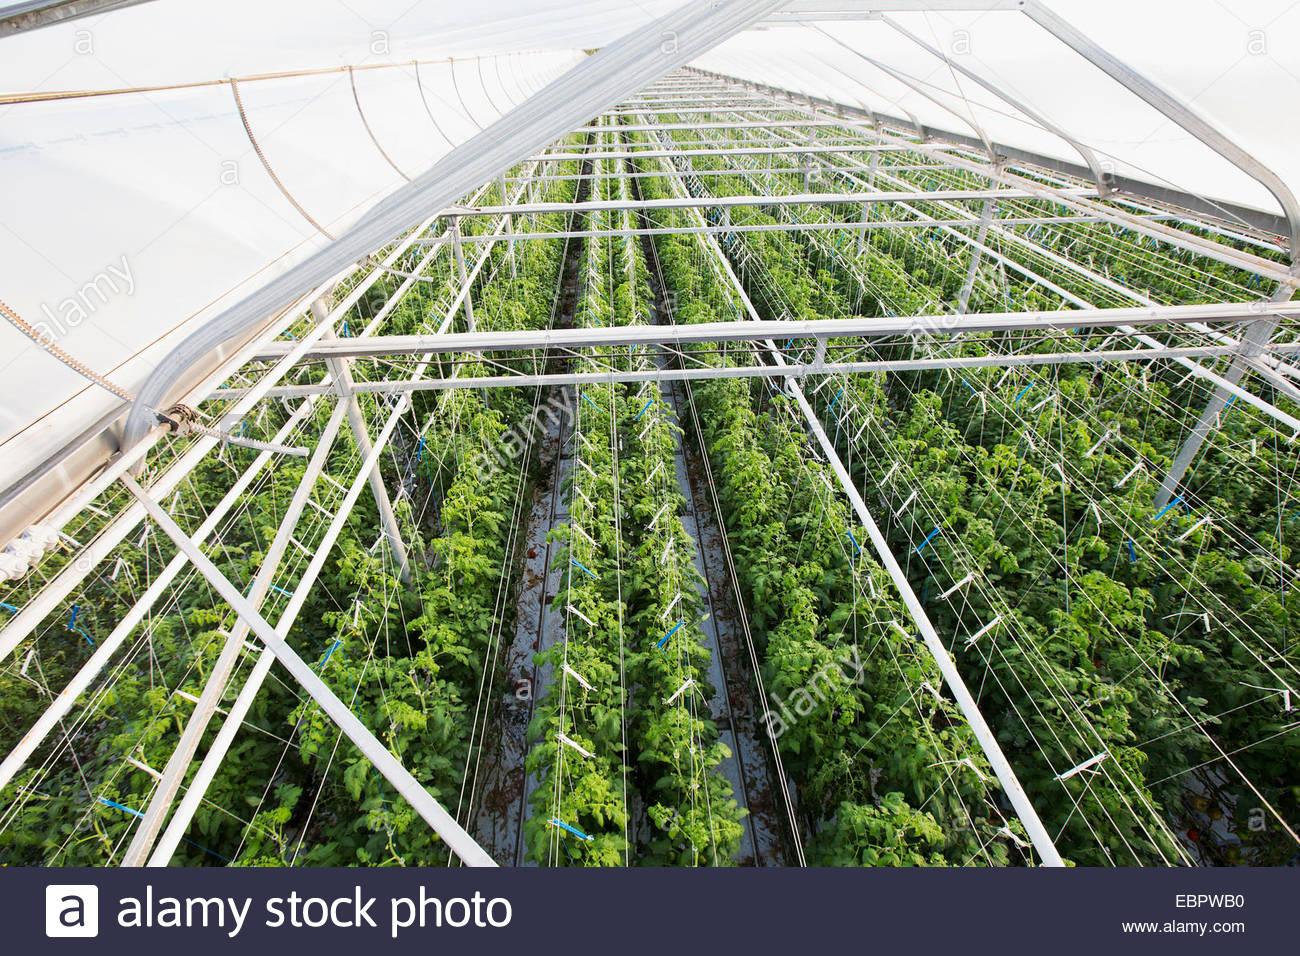 Las plantas que crecen en una fila en invernadero Imagen De Stock